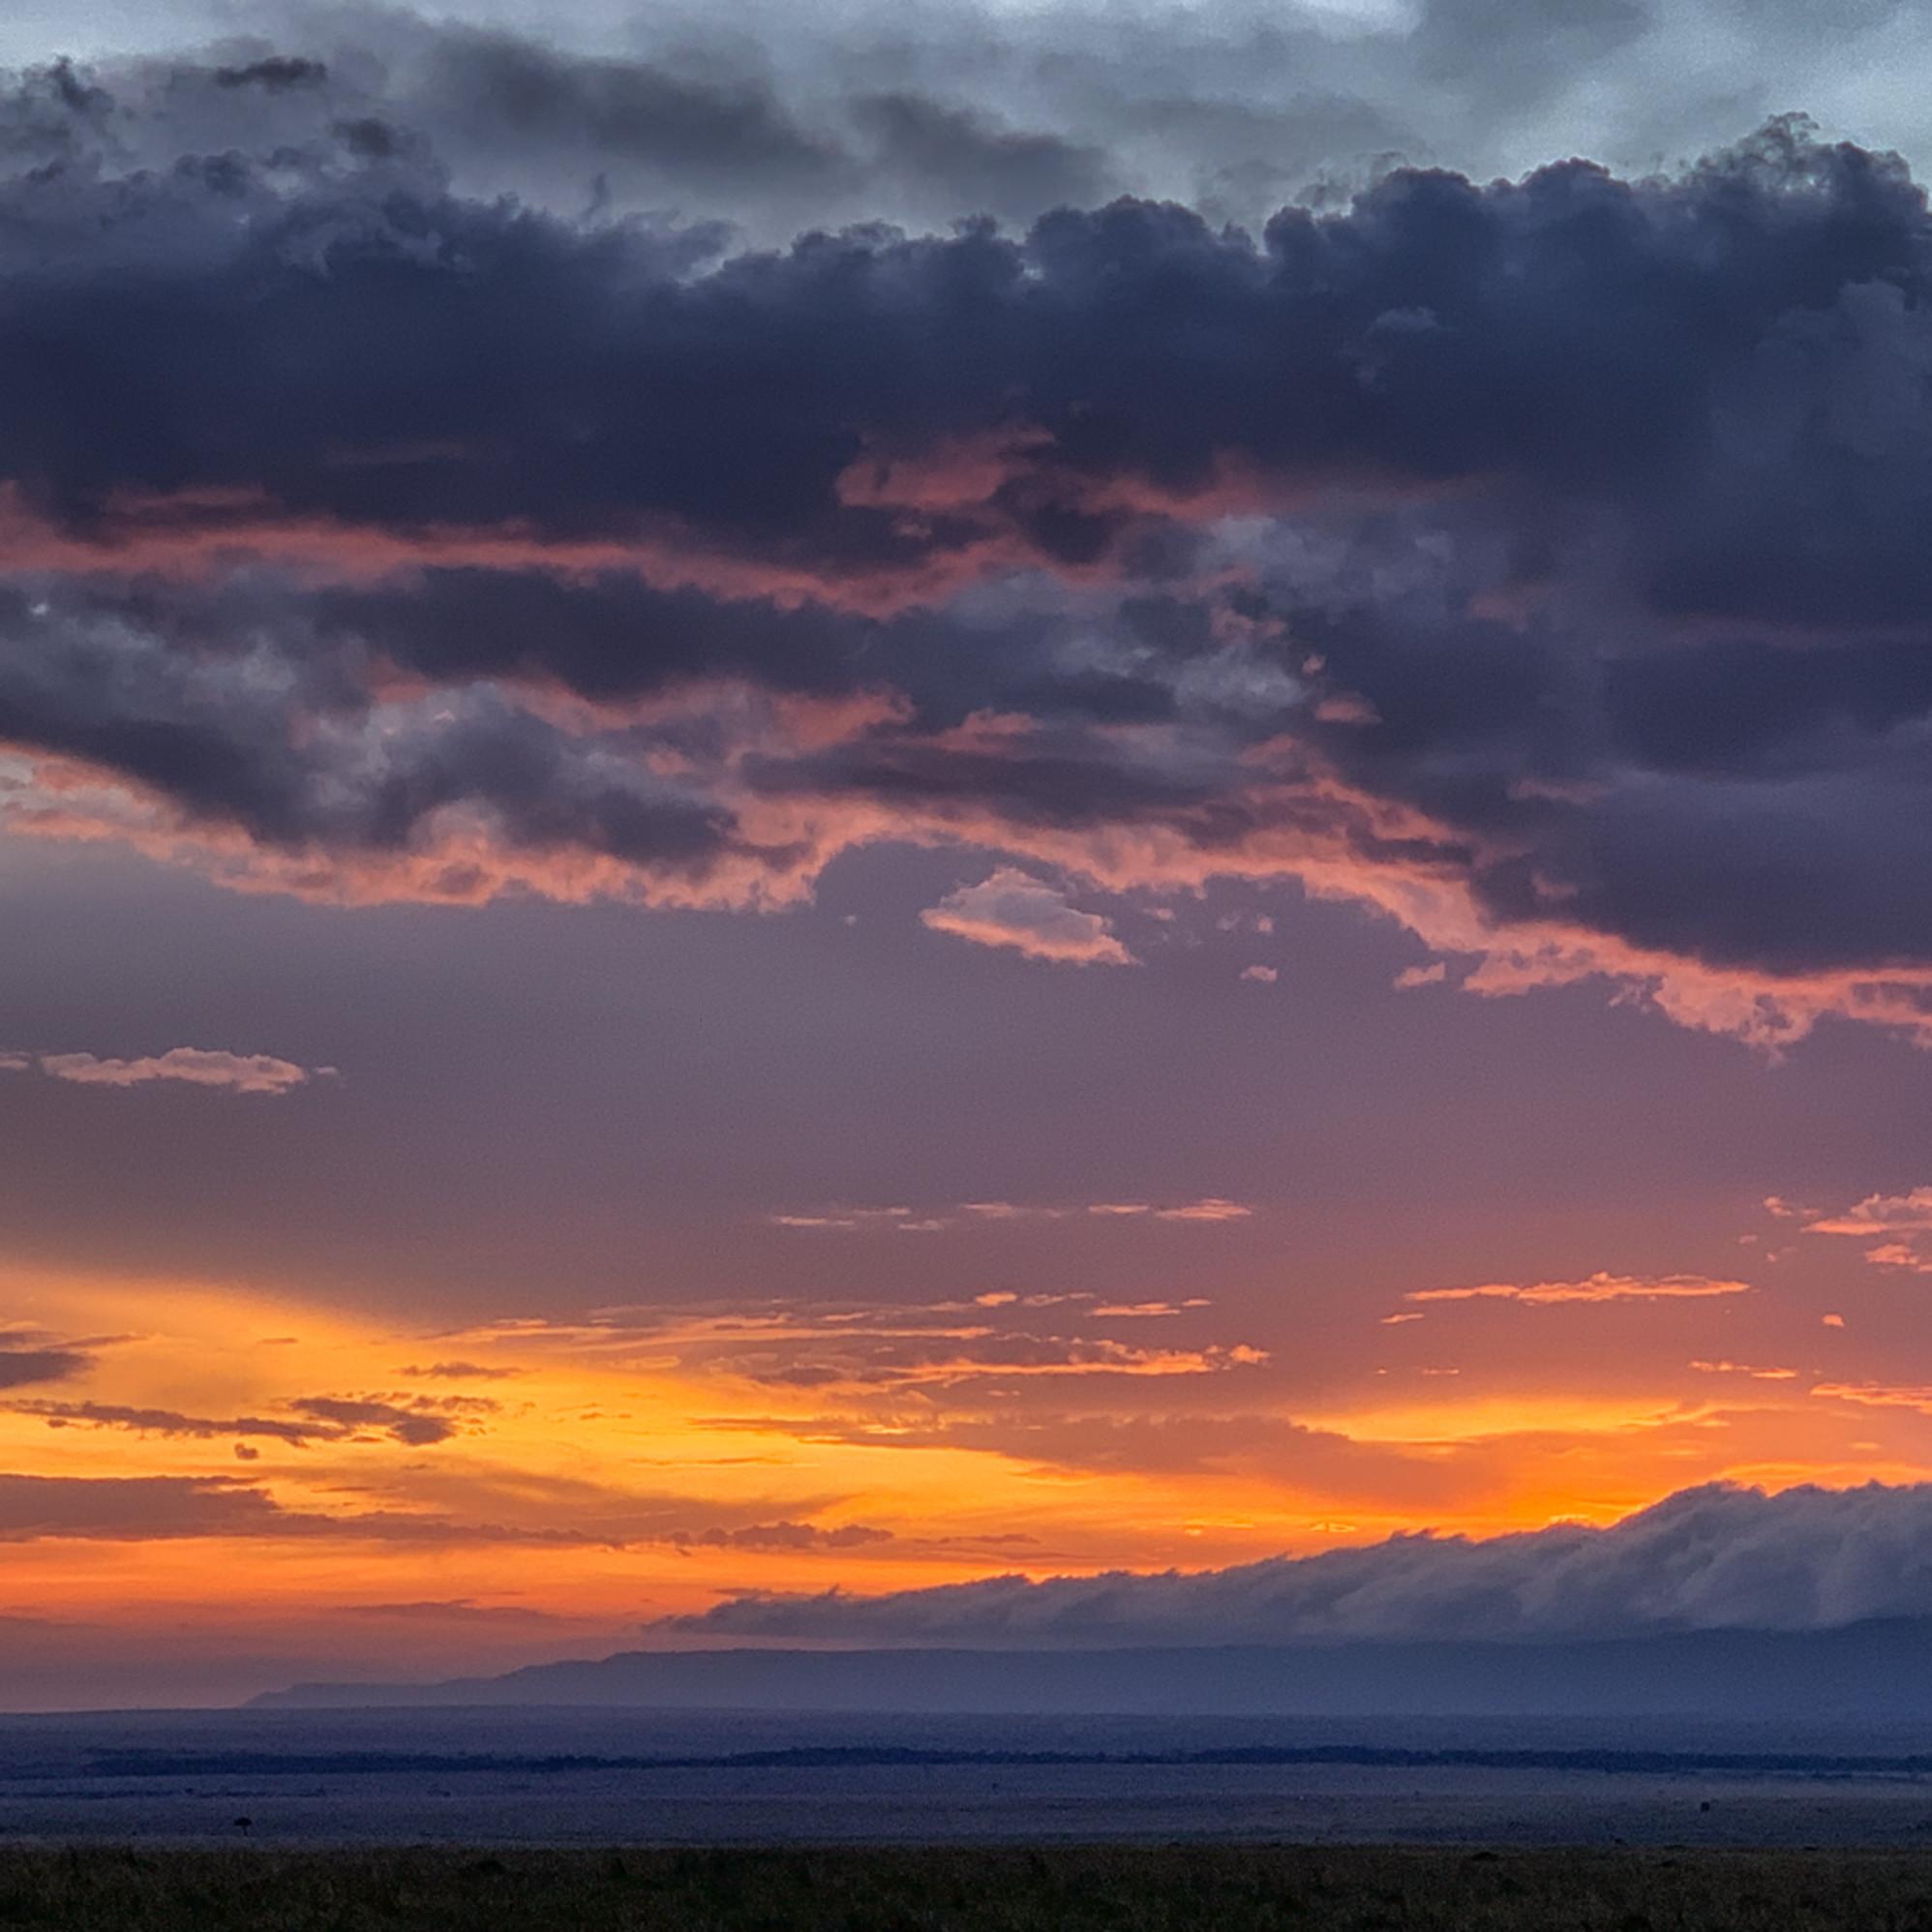 Mara sunset jvnijm